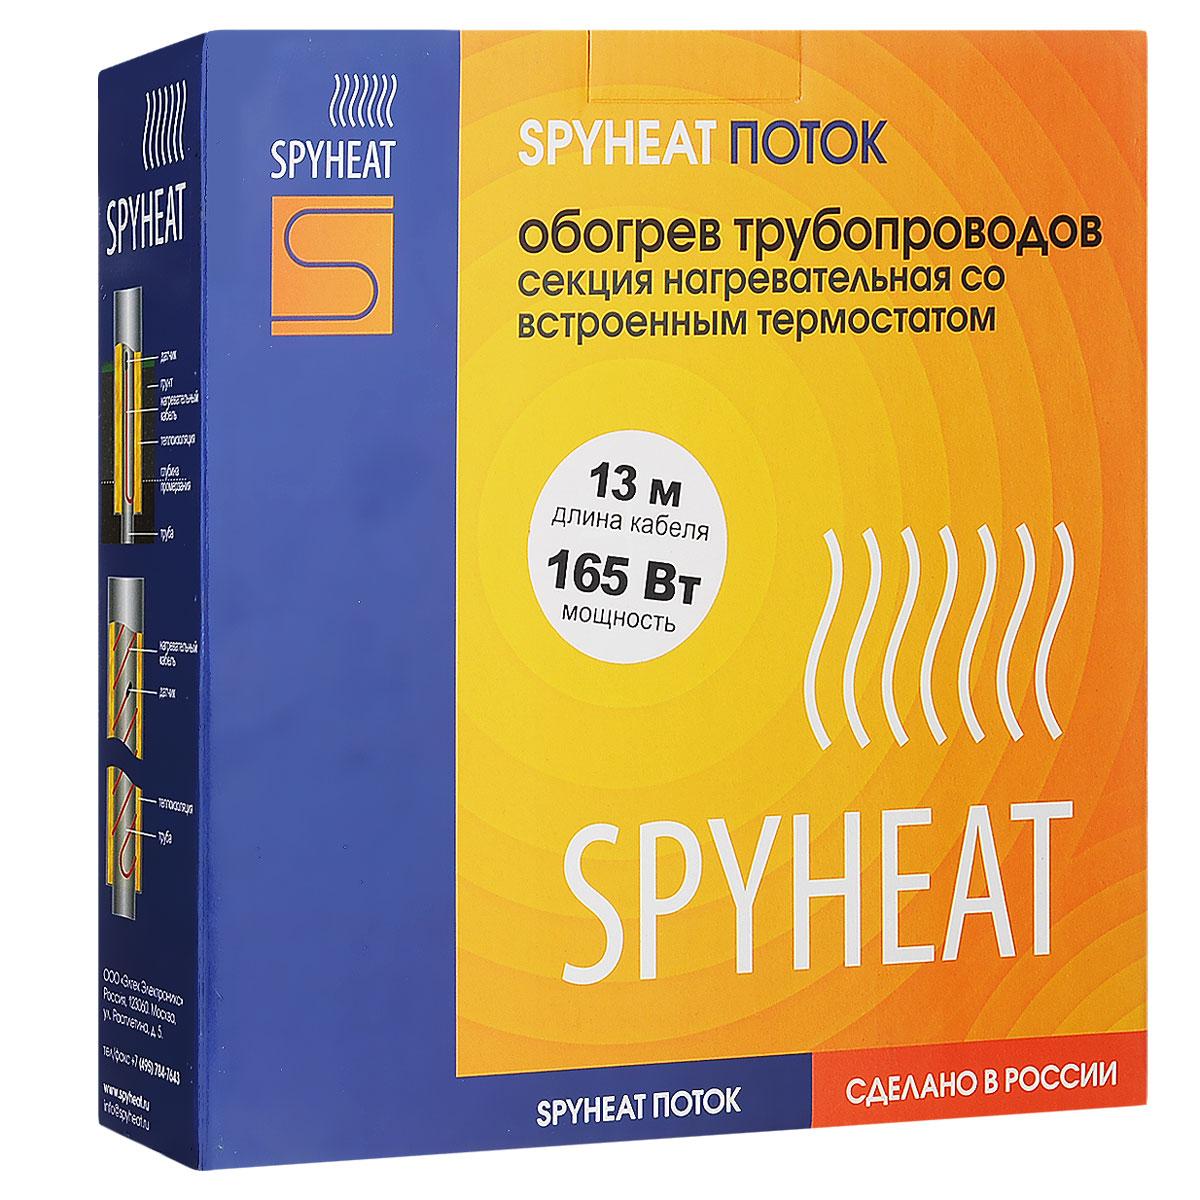 Секция для обогрева трубопроводов Spyheat Поток, 165 Вт, 13 мSHFD-12-165Нагревательная секция Spyheat Поток на основе двухжильного экранированного кабеля. Предназначена для обогрева трубопроводов. Имеет встроенный термодатчик с настройкой рабочей температуры +5°С. Кабель изготовлен по уникальной технологии, при которой обе жилы нагревательные и защищены фторопластовой изоляцией. Нагревательные жилы экранированы медной оплеткой, подключаемой к земле, что увеличивает надежность и электробезопасность системы. Нагревательные секции рассчитаны на работу от бытовой электросети соответствующей мощности с напряжением 220-240 вольт.